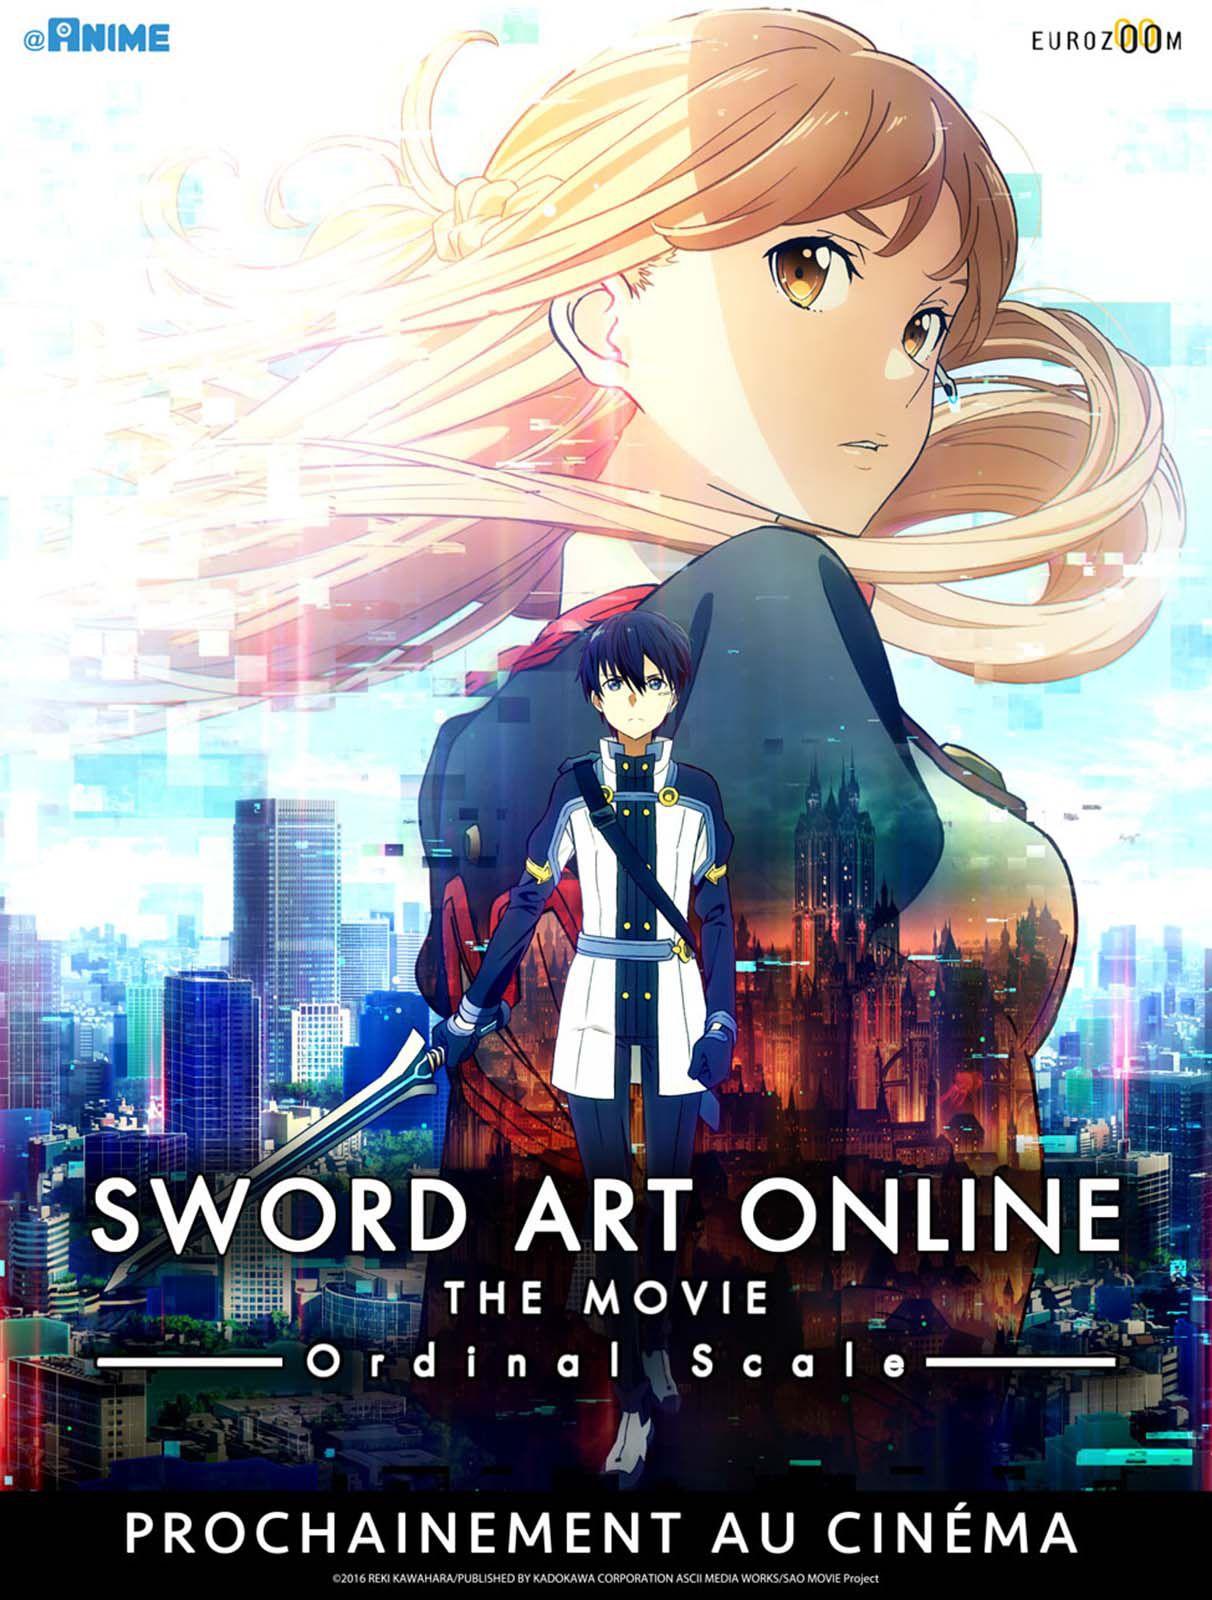 Sword Art Online Movie : Ordinal Scale - Long-métrage d'animation (2017)